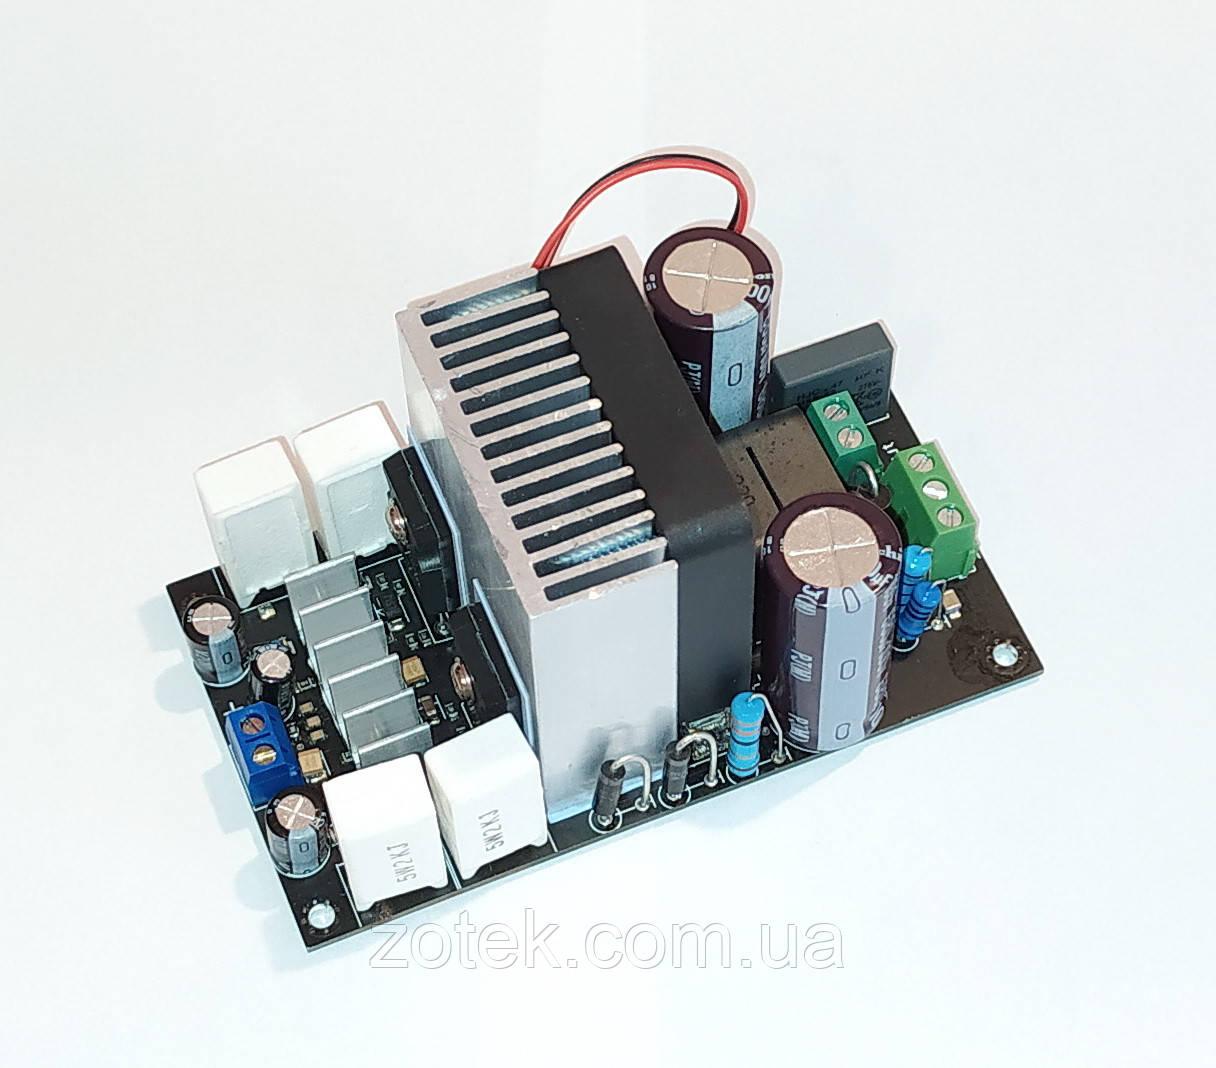 Усилитель звука 1000 Вт 1 кВт IRS2092S + RIFP4227*2  /1653